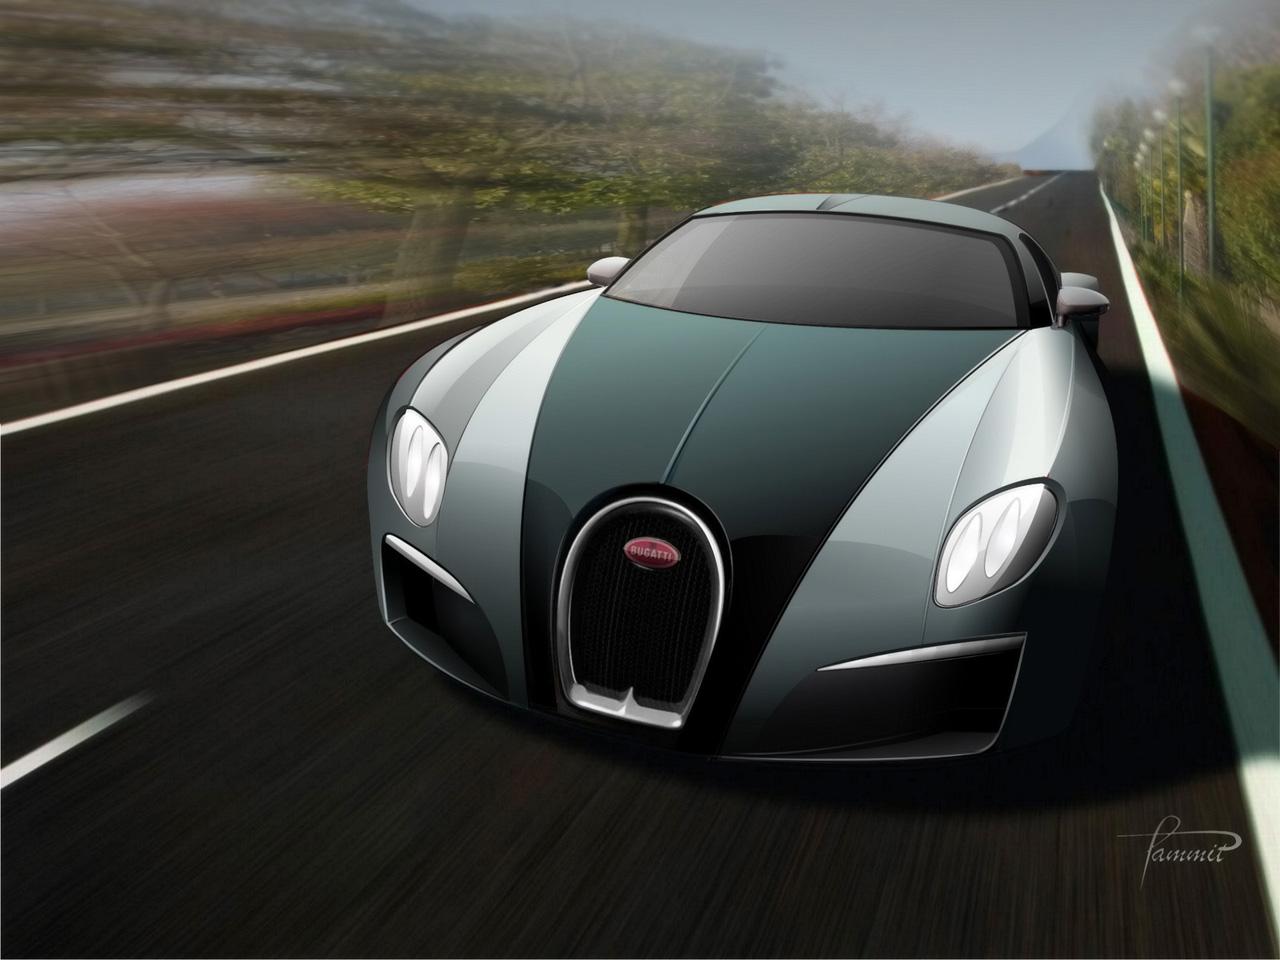 Bugatti Veyron wallpaper, фото, обои для рабочего стола, машина, скачать